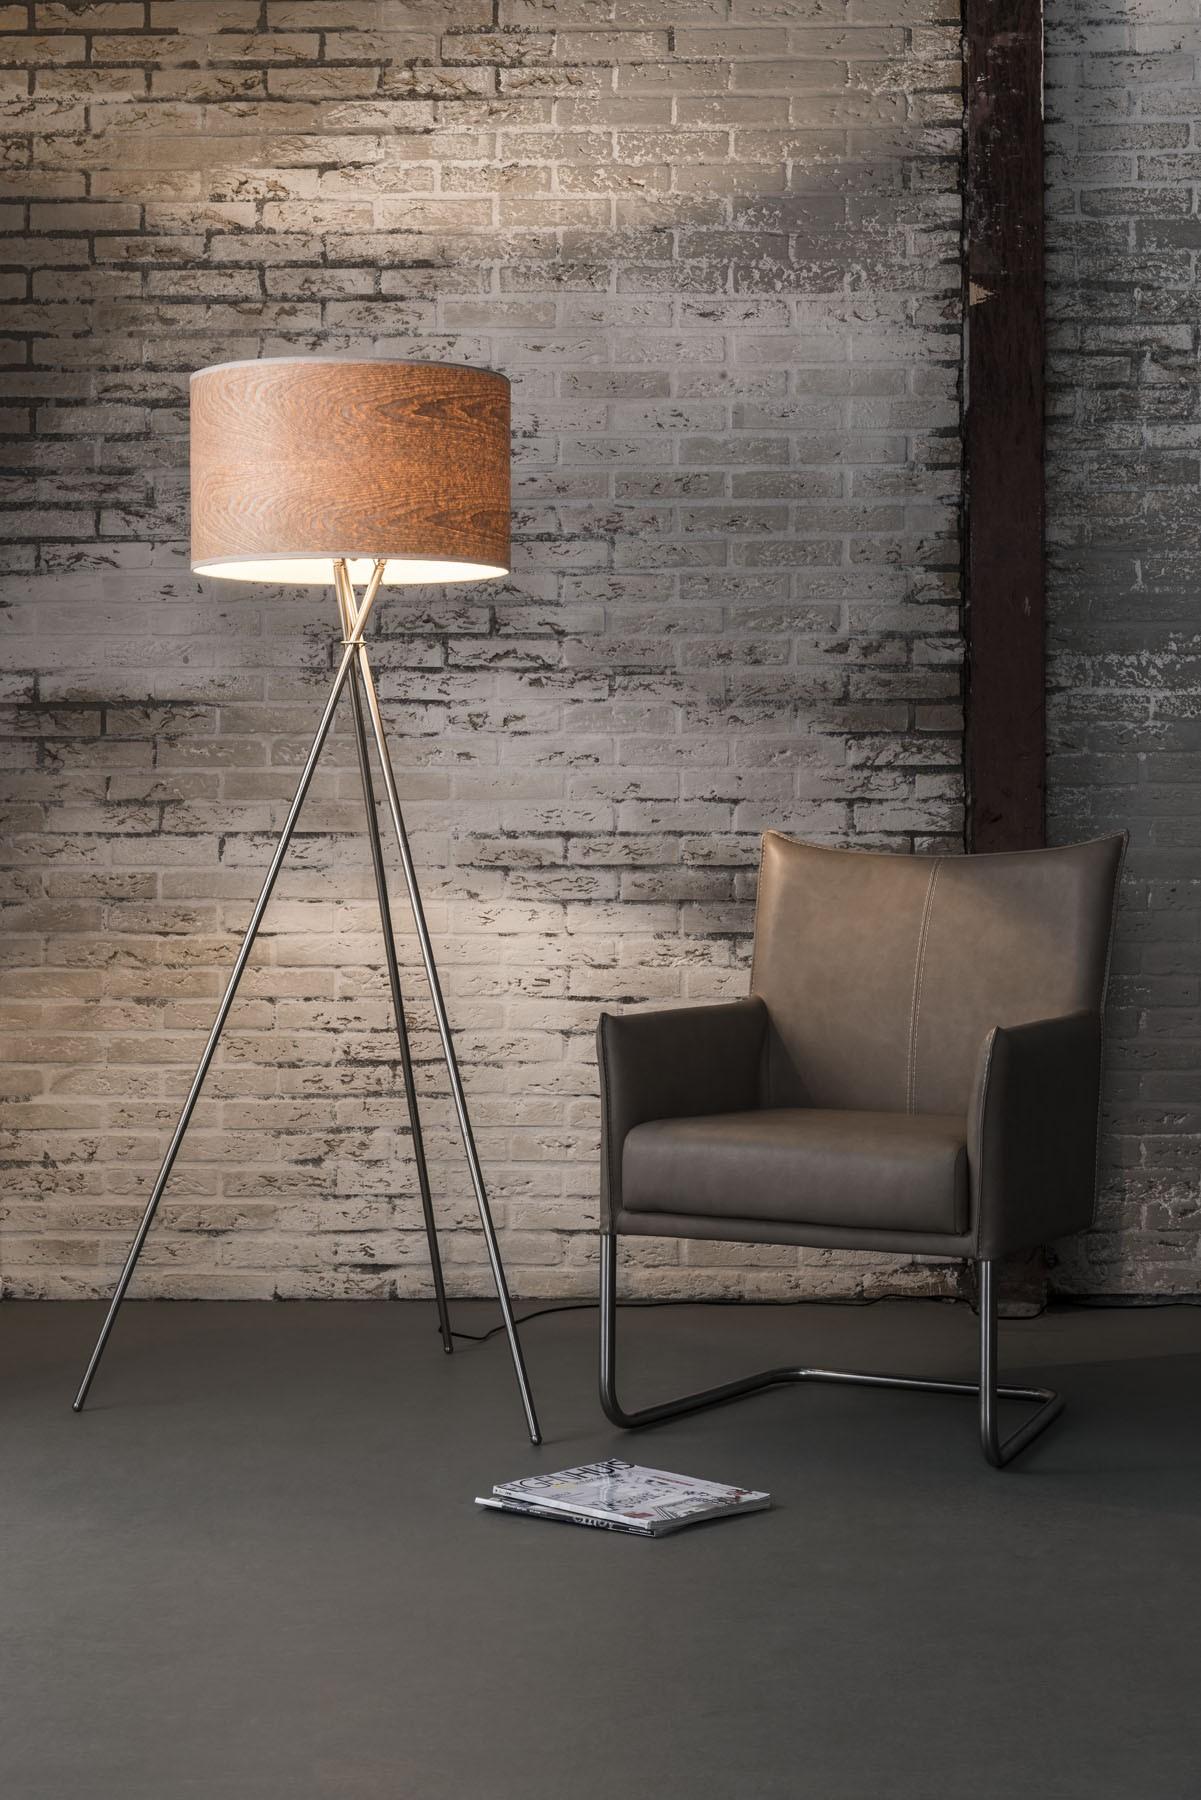 stehlampe lampenschirm rund stehleuchte mit lampenschirm rund. Black Bedroom Furniture Sets. Home Design Ideas